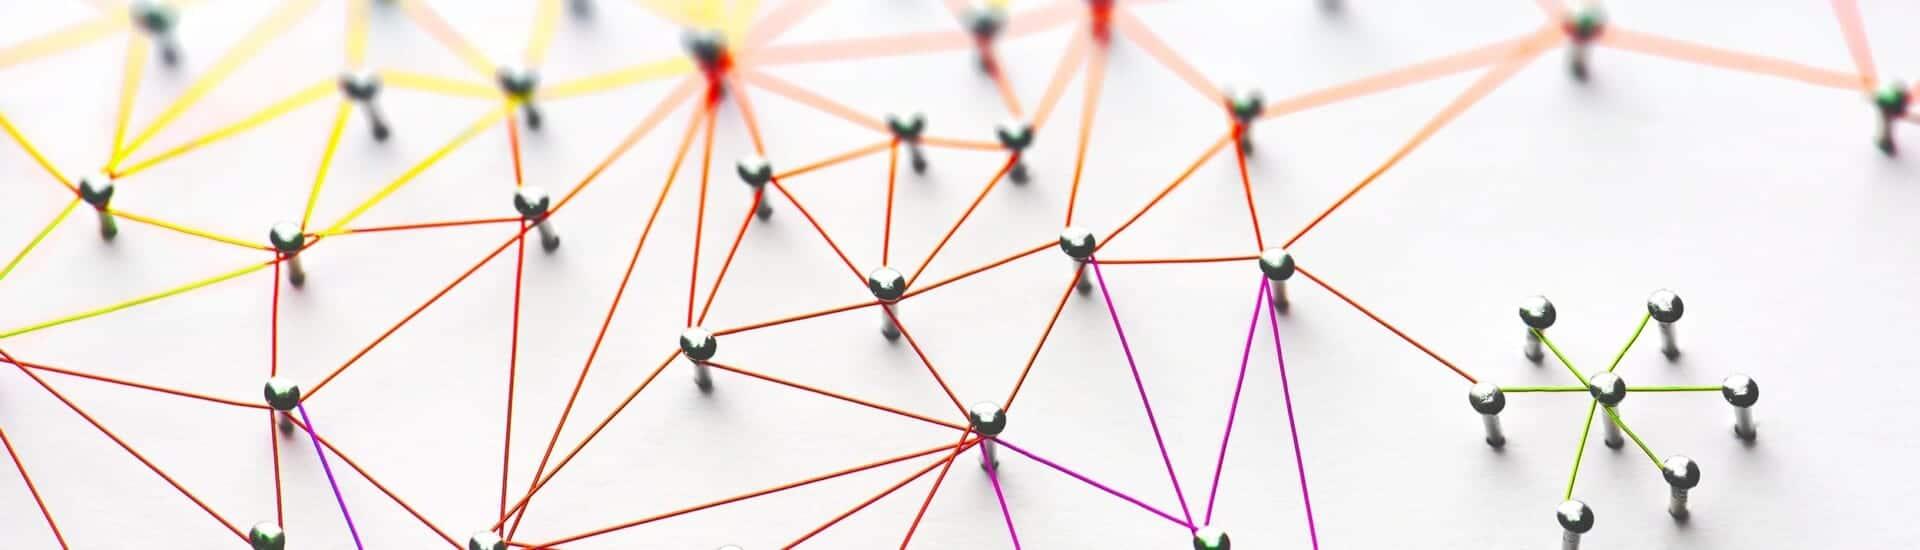 Netwerken en samenwerken - Oceanz 3D Printing